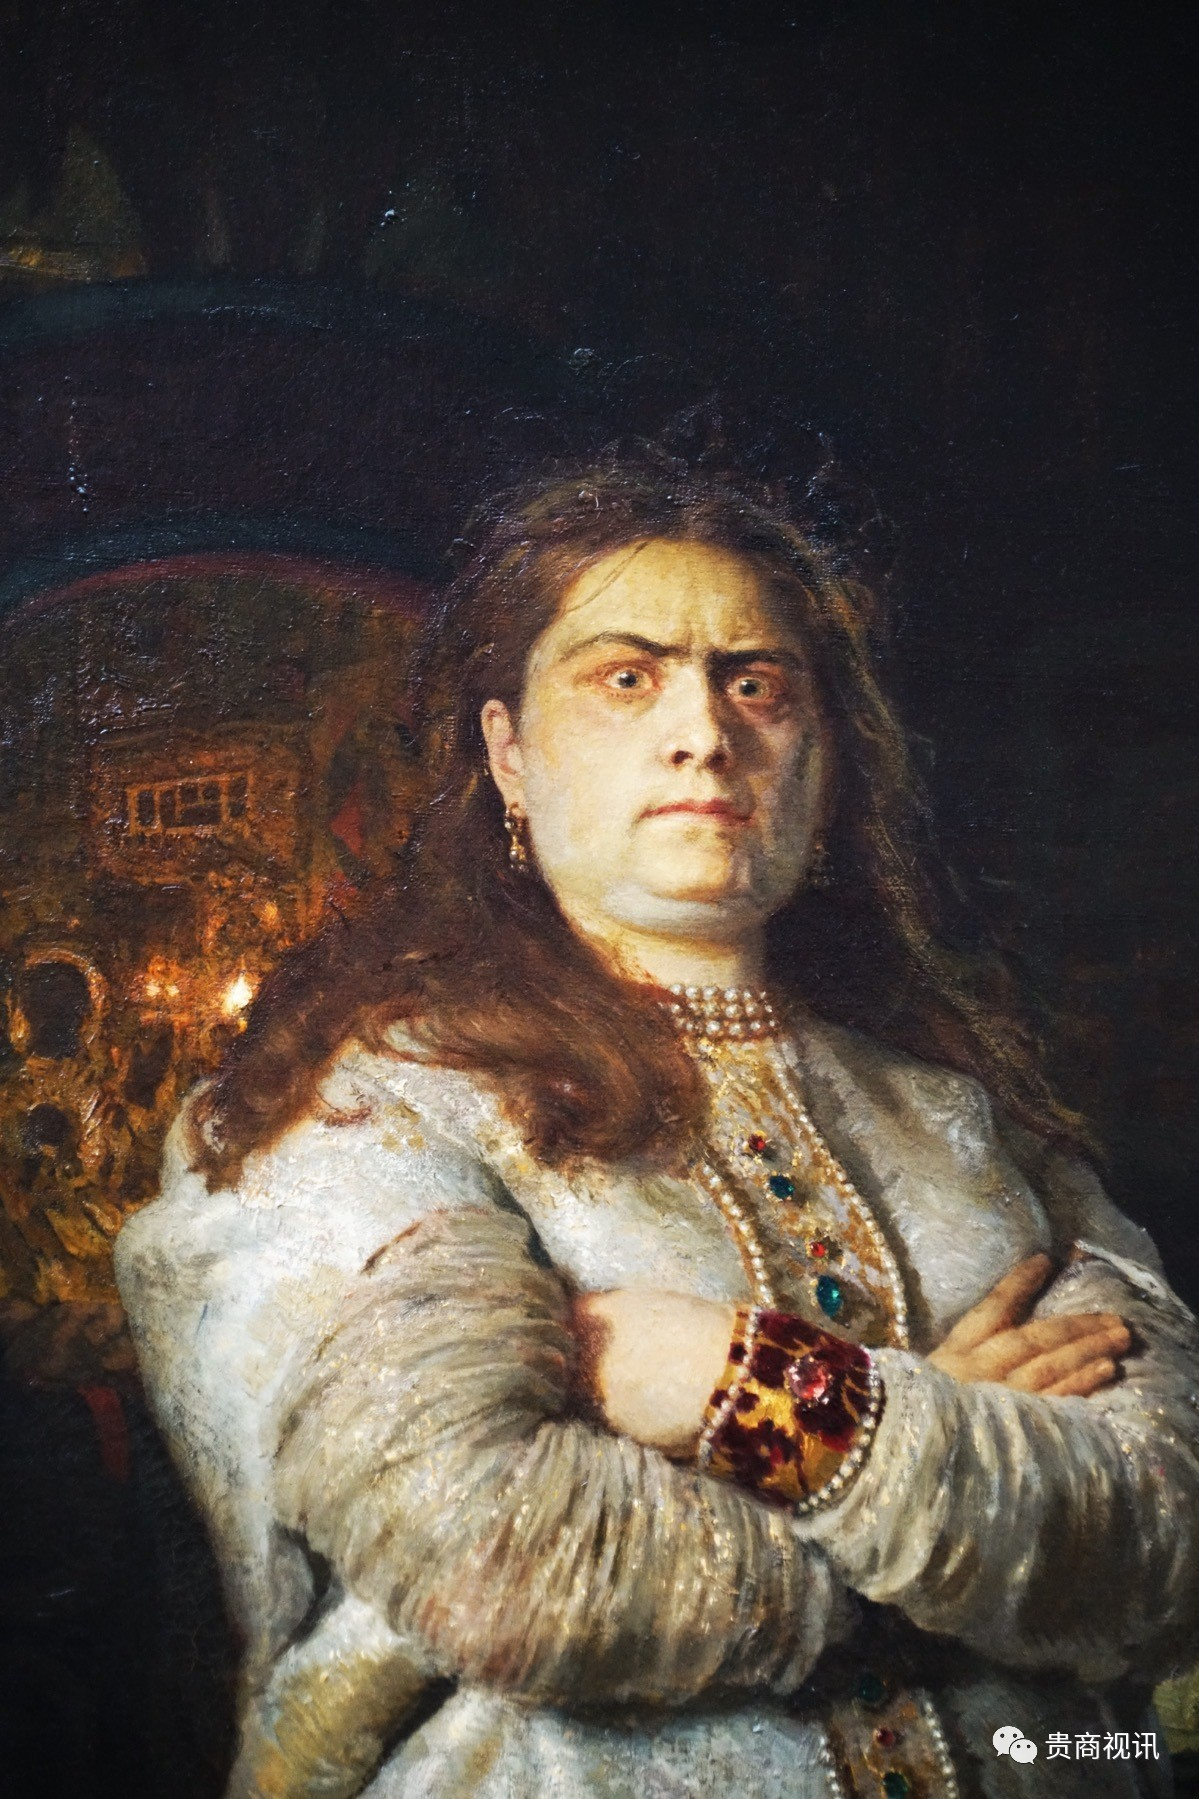 关于索菲亚公主简介:  索菲娅・阿列克谢耶夫娜(1657年9月17日-1704年7月3日)俄罗斯公主,沙皇阿列克谢・米哈伊洛维奇之女,彼得一世的姐姐,俄罗斯历史上的一位女摄政,沙皇俄国罗曼诺夫王朝公主,彼得大帝的异母姐姐。  索菲娅是沙皇阿列克谢一世与第一个妻子玛利亚・米洛斯拉夫斯卡娅的三女。1682年其弟新沙皇费奥多尔・阿列克谢耶维奇夭折,索菲娅为了维持母亲的家族米洛斯拉夫斯基家族的地位,借射击军的力量发动火枪手政变,立伊凡五世和彼得一世同为沙皇,自己任摄政。她当上摄政后将当时年仅10岁的异母弟彼得及其母一族放逐到皇村;又由于伊凡五世低能体弱,与瓦西里・戈里津共掌大权。不久后就在同年,反对派发动叛乱,索菲娅和政府被迫从克里姆林宫逃到圣三一圣谢尔盖修道院。为此她名义上被迫让出摄政位子给伊万・霍文斯基,但在射击军的支持下,她仍保有实权。  1689年彼得一世完婚并准备亲政,但索菲娅并不打算还政。射击军首领沙克洛维蒂更是建议她直接称女沙皇。但是由于射击军大多在彼得居住的莫斯科郊外,密谋为彼得知晓。索菲娅自知不保,派使者向彼得求情,要求彼得照顾皇族情分。彼得不为所动,处决了沙克洛维蒂并流放戈里津。索菲娅本人受元老院说服,在不进行正式仪式的情况下进入新圣女修道院。  十年后,射击军密谋乘彼得在国外之机迎索菲娅复权。但彼得很快赶回平乱。索菲娅因涉嫌其中,被令正式为尼,且除复活节之外连其他修女都不得见,六年后去世。索菲娅主政时对逃亡农奴的一些让步曾引起地主不满。此外在她当政期间俄国主要发生的大事有:1686年与波兰签订互不侵犯条约;1689年与清朝签订《尼布楚条约》;征讨当时还属于奥斯曼帝国的克里米亚半岛等。